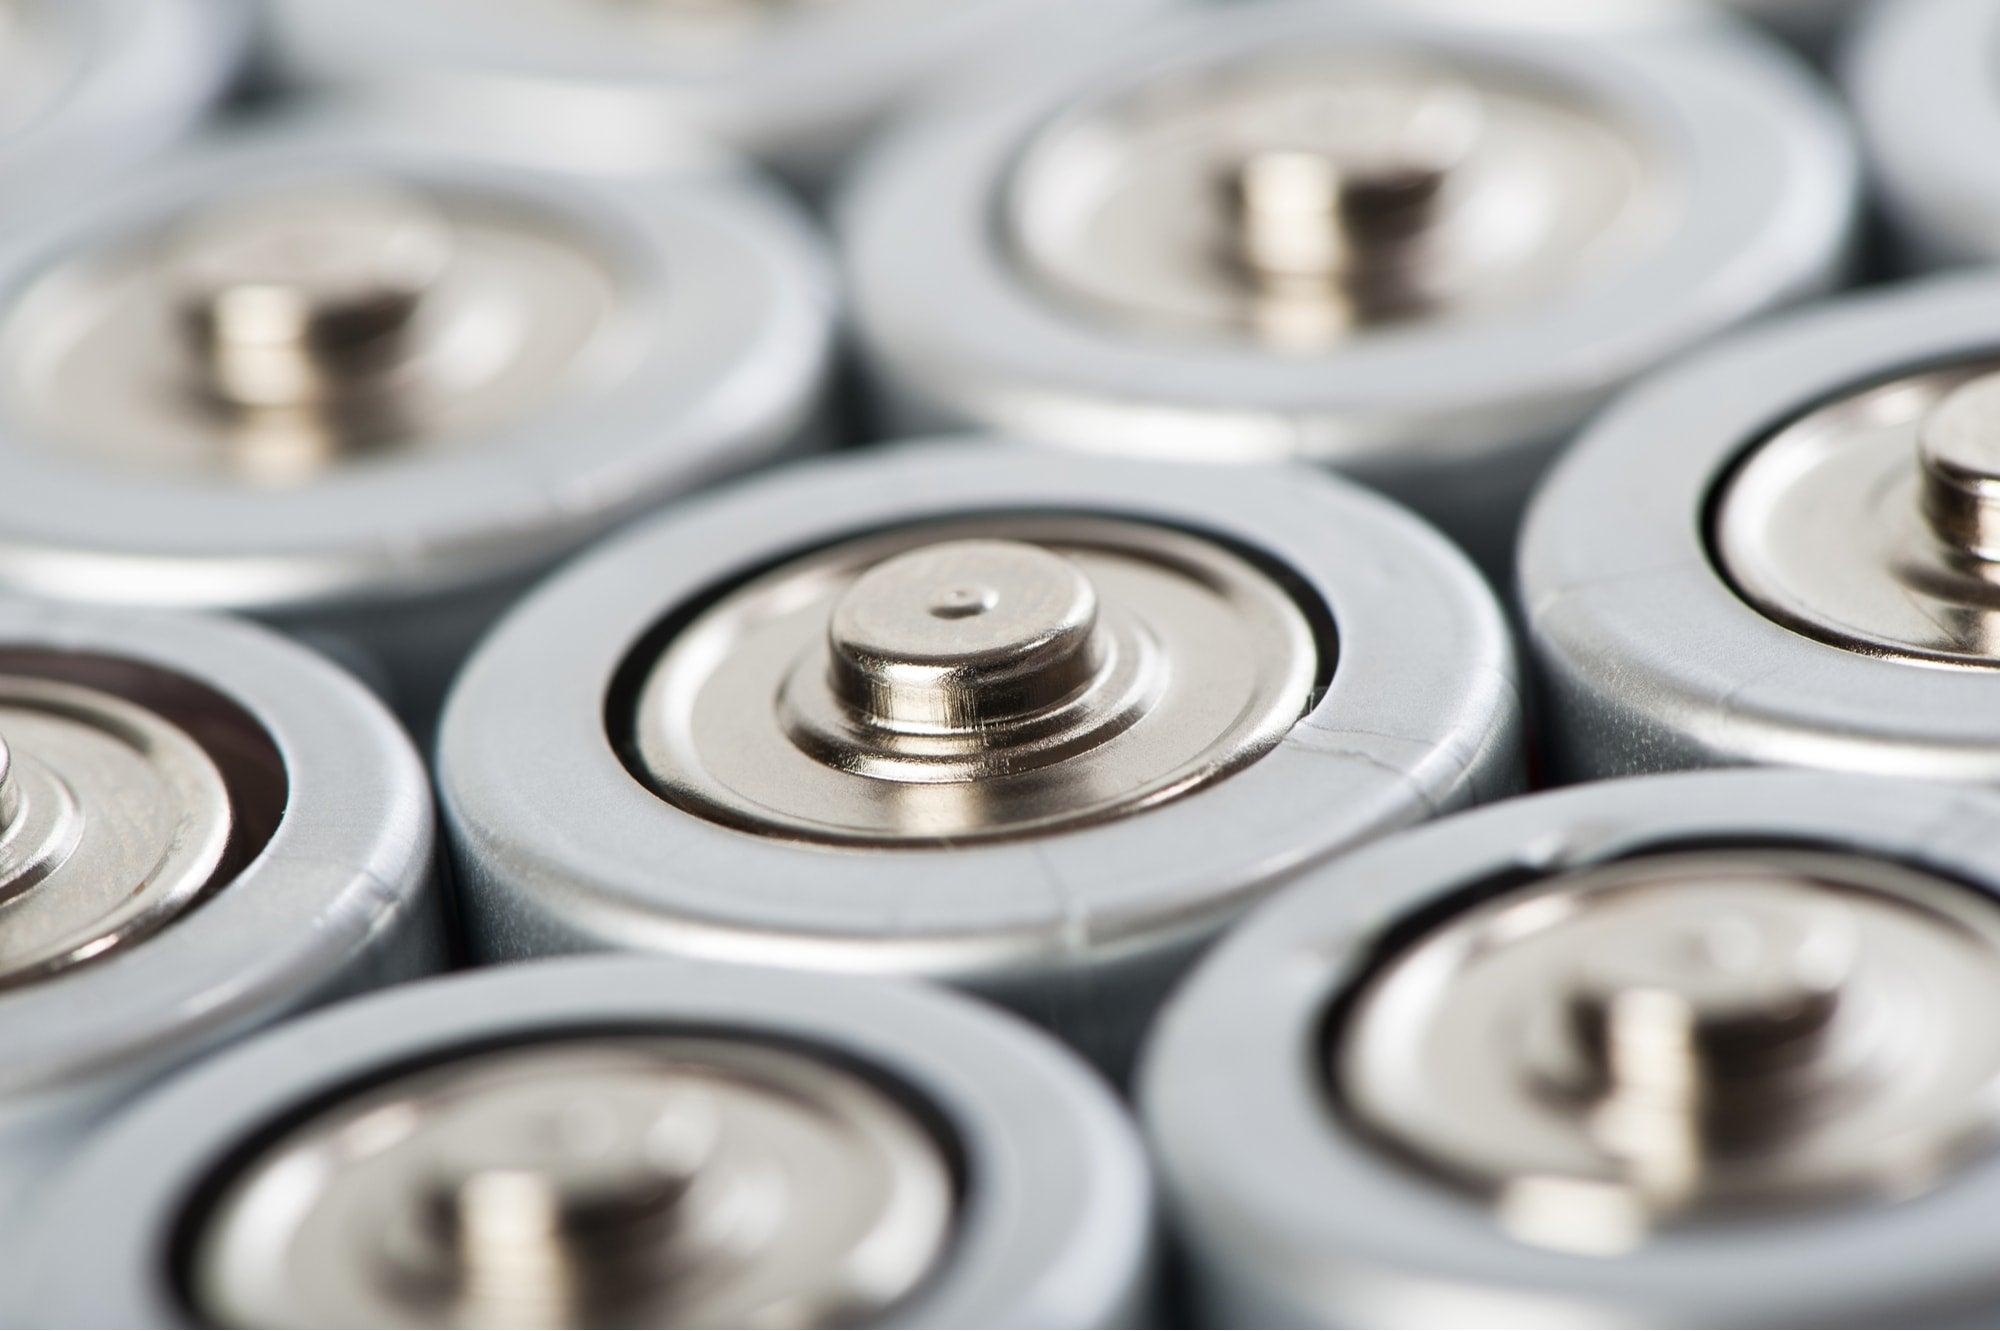 almacenamiento electricidad energia America Latina Caribe infraestructura baterias-min